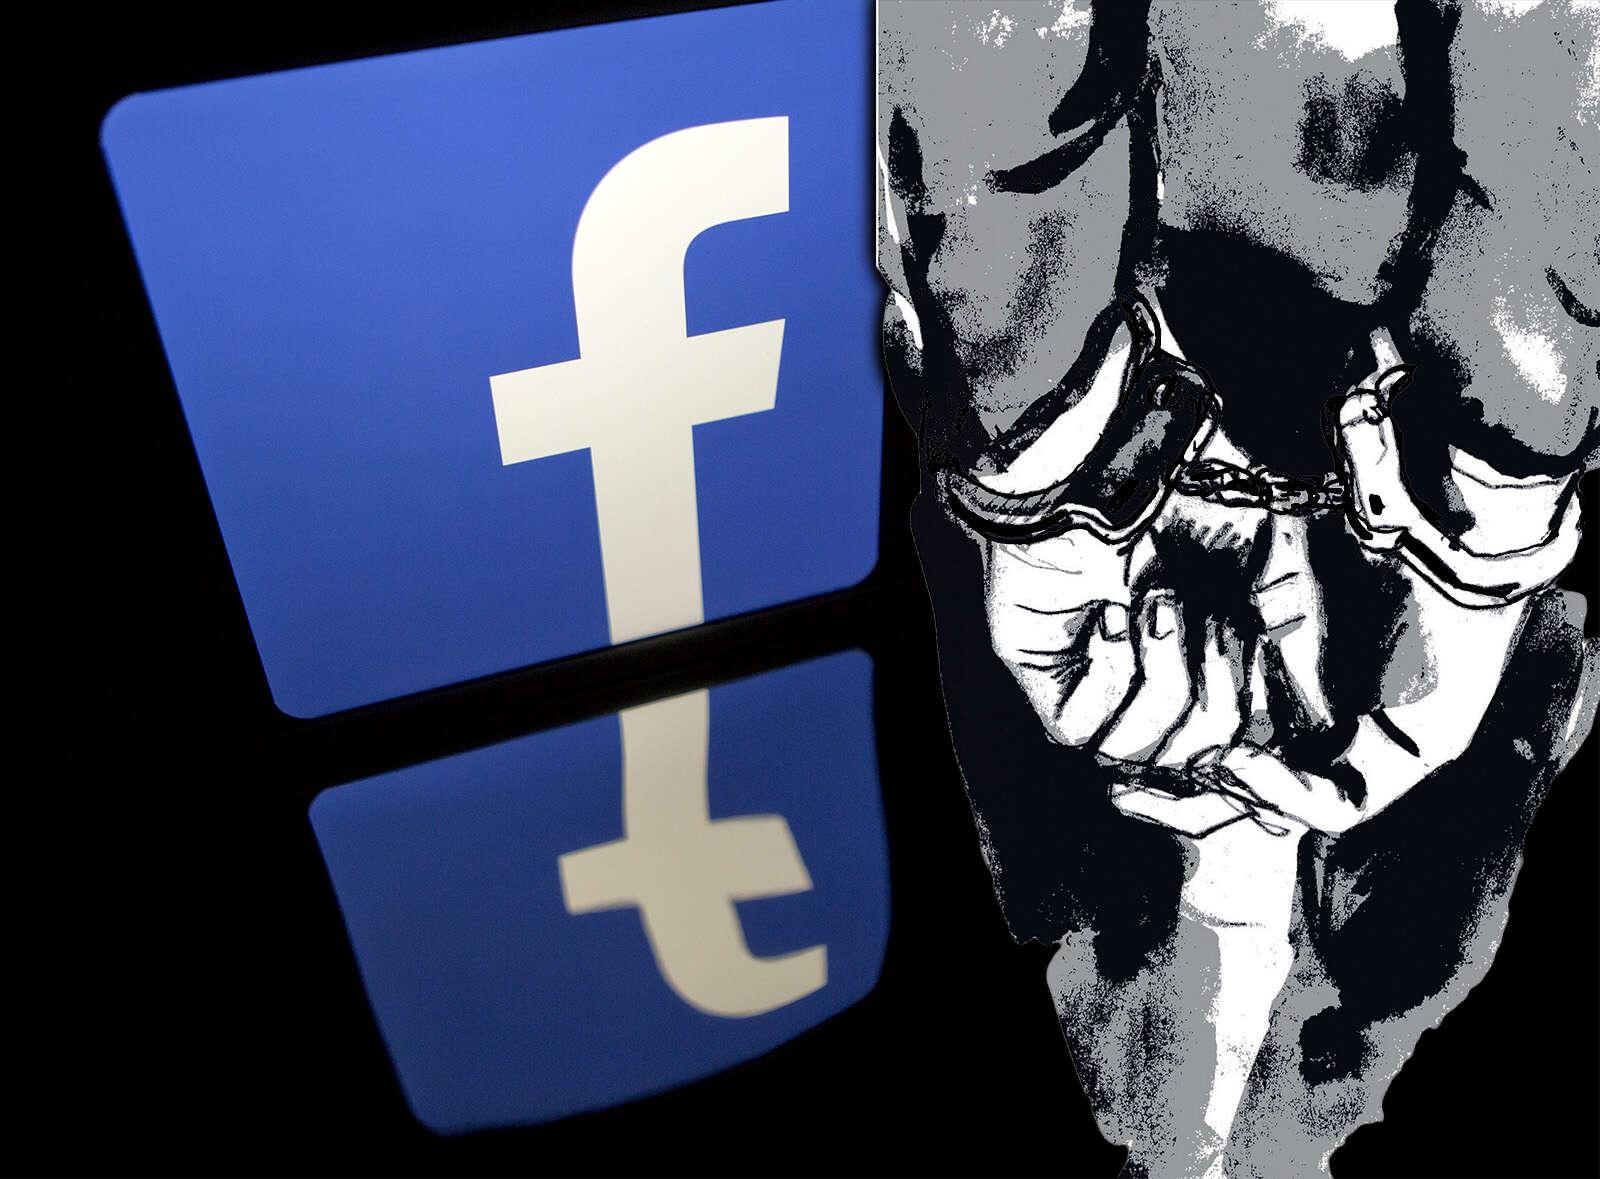 Mulher deve pegar 1 ano de prisão por marcar uma pessoa indevidamente no Facebook